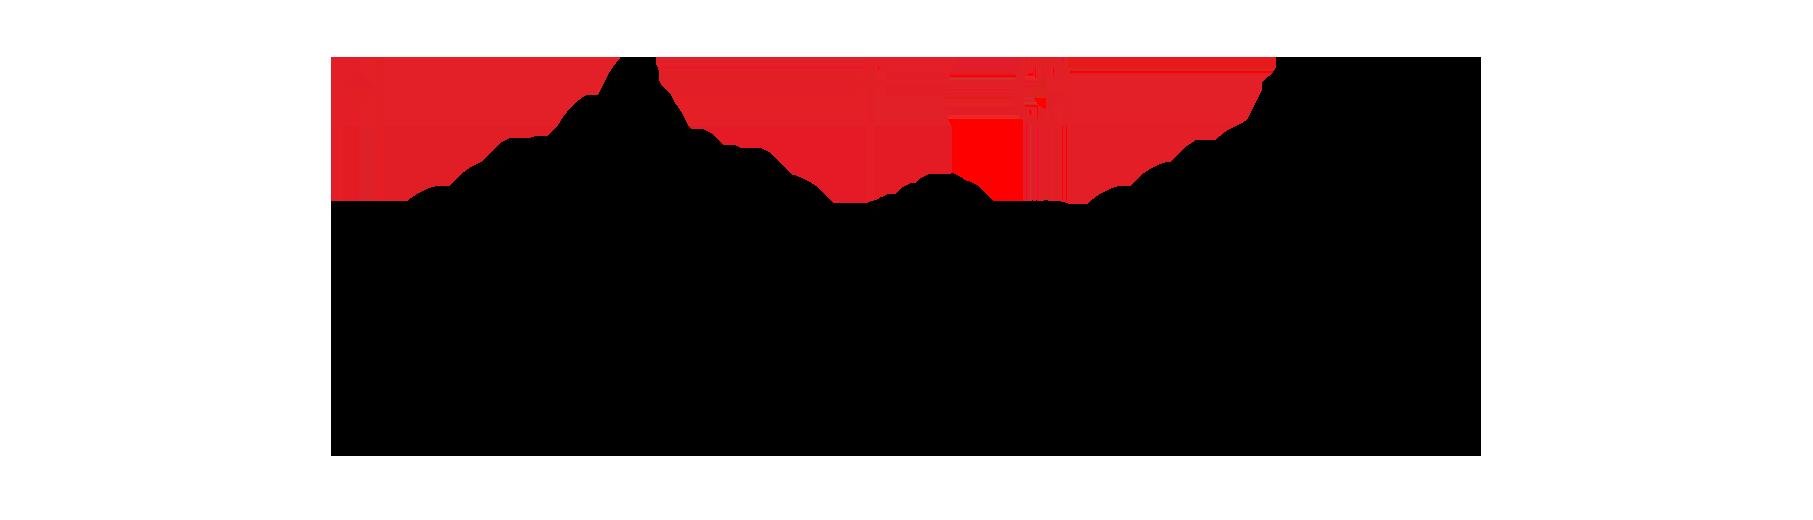 HfG_Logo.png